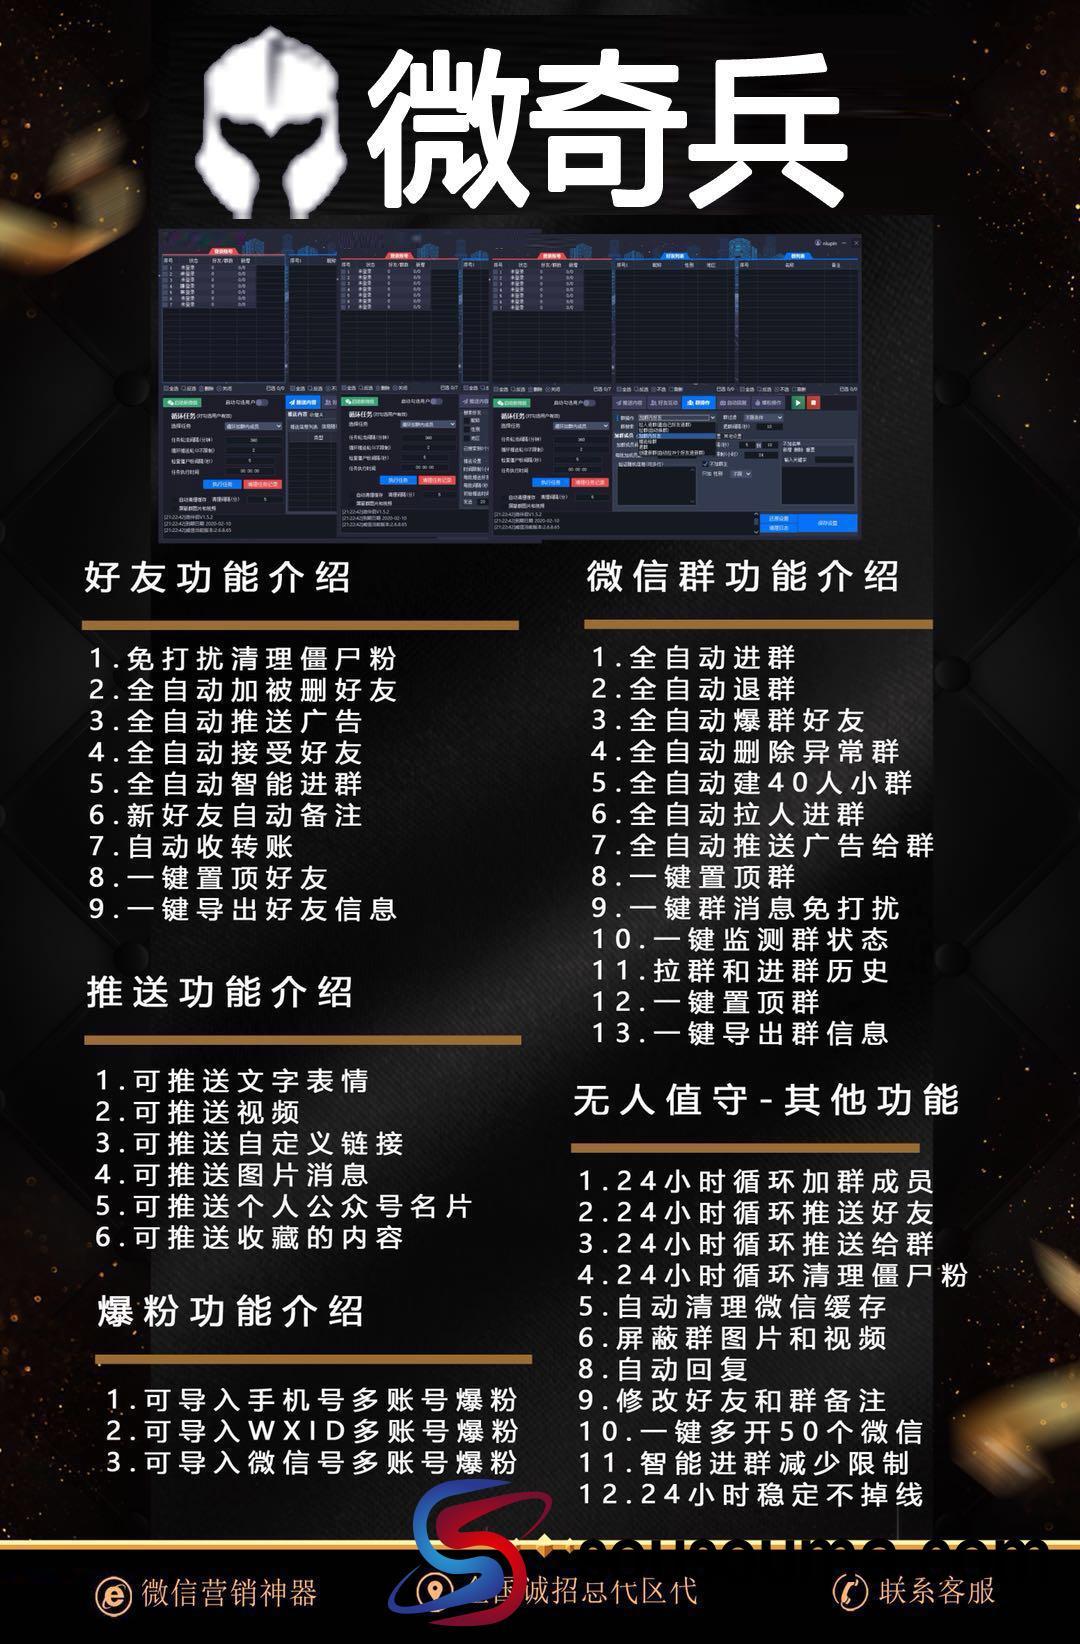 【微奇兵官网】电脑版微信正版营销软件激活码